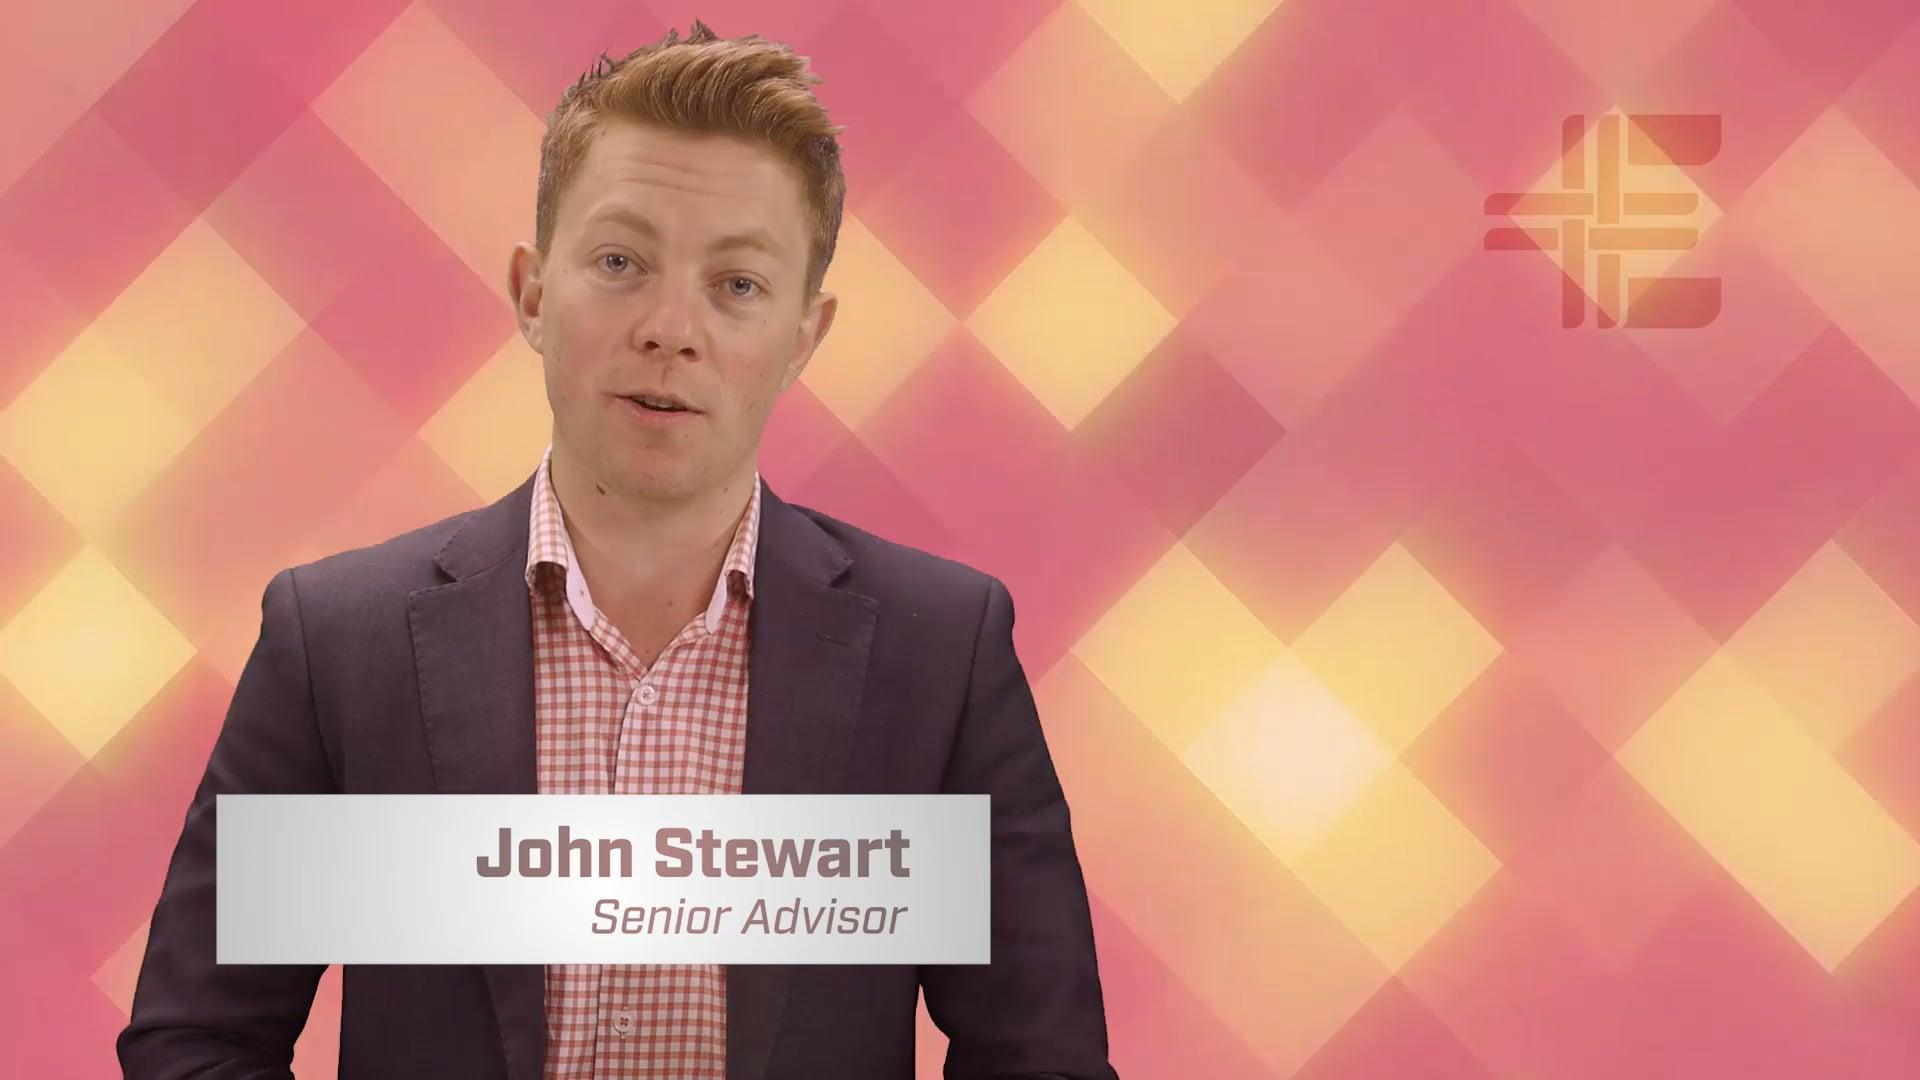 John Stewart, Senior Advisor, LGNZ